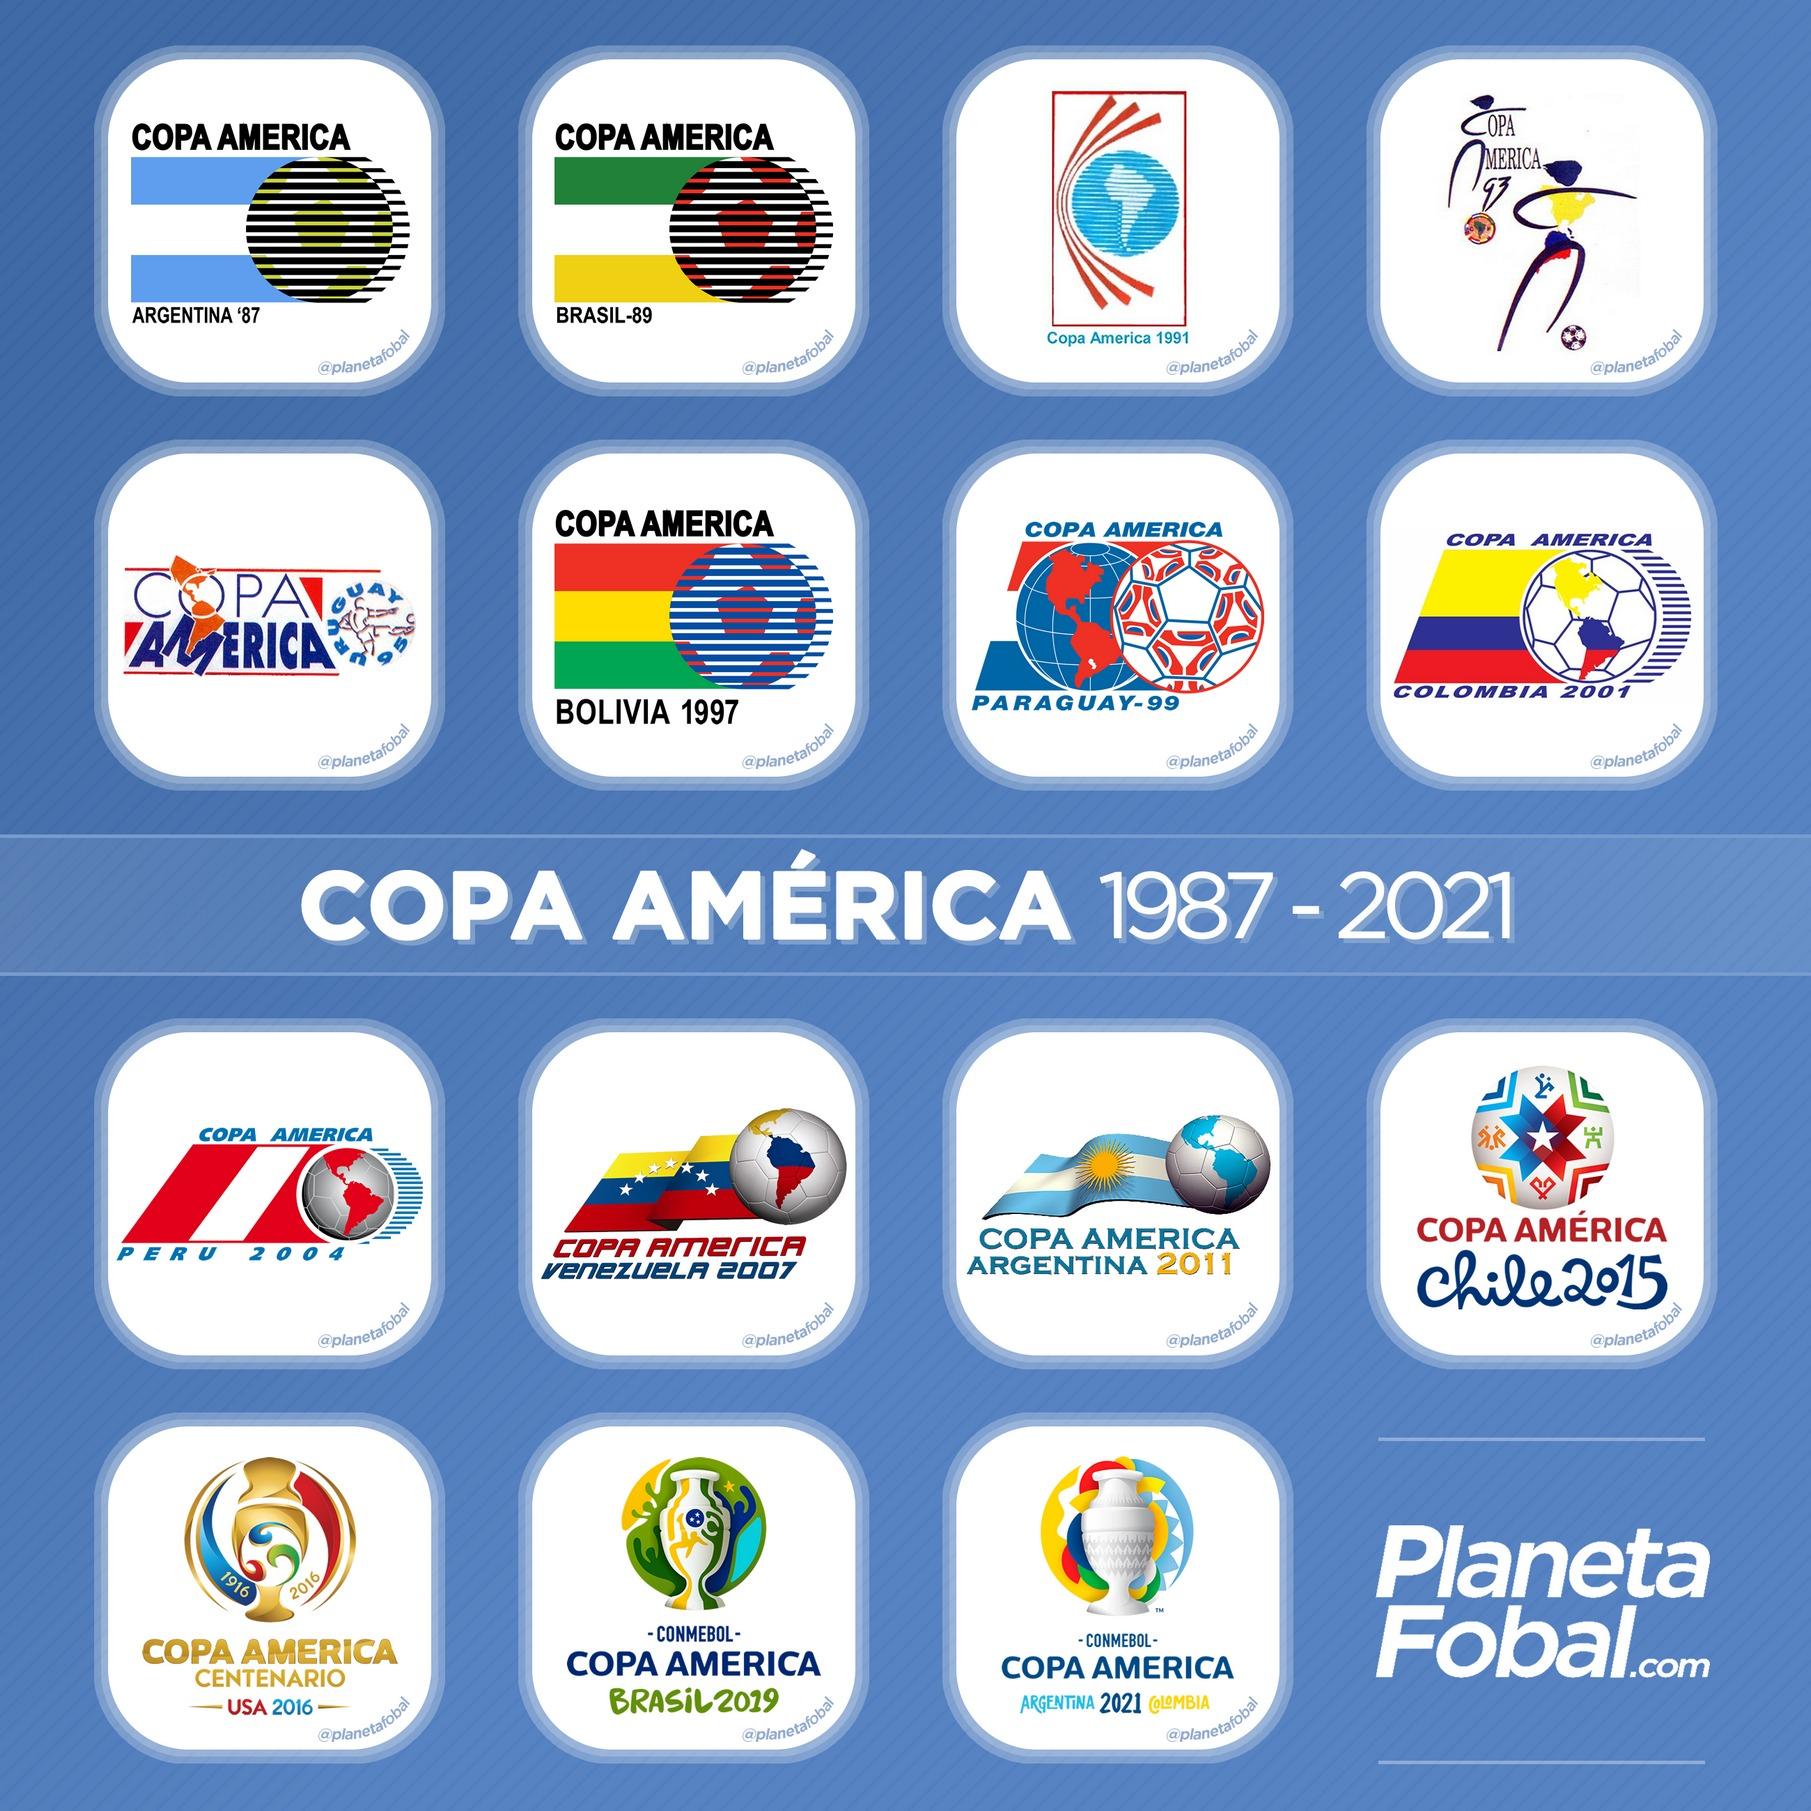 Evolución de los logos de la Copa América (1987-2021)